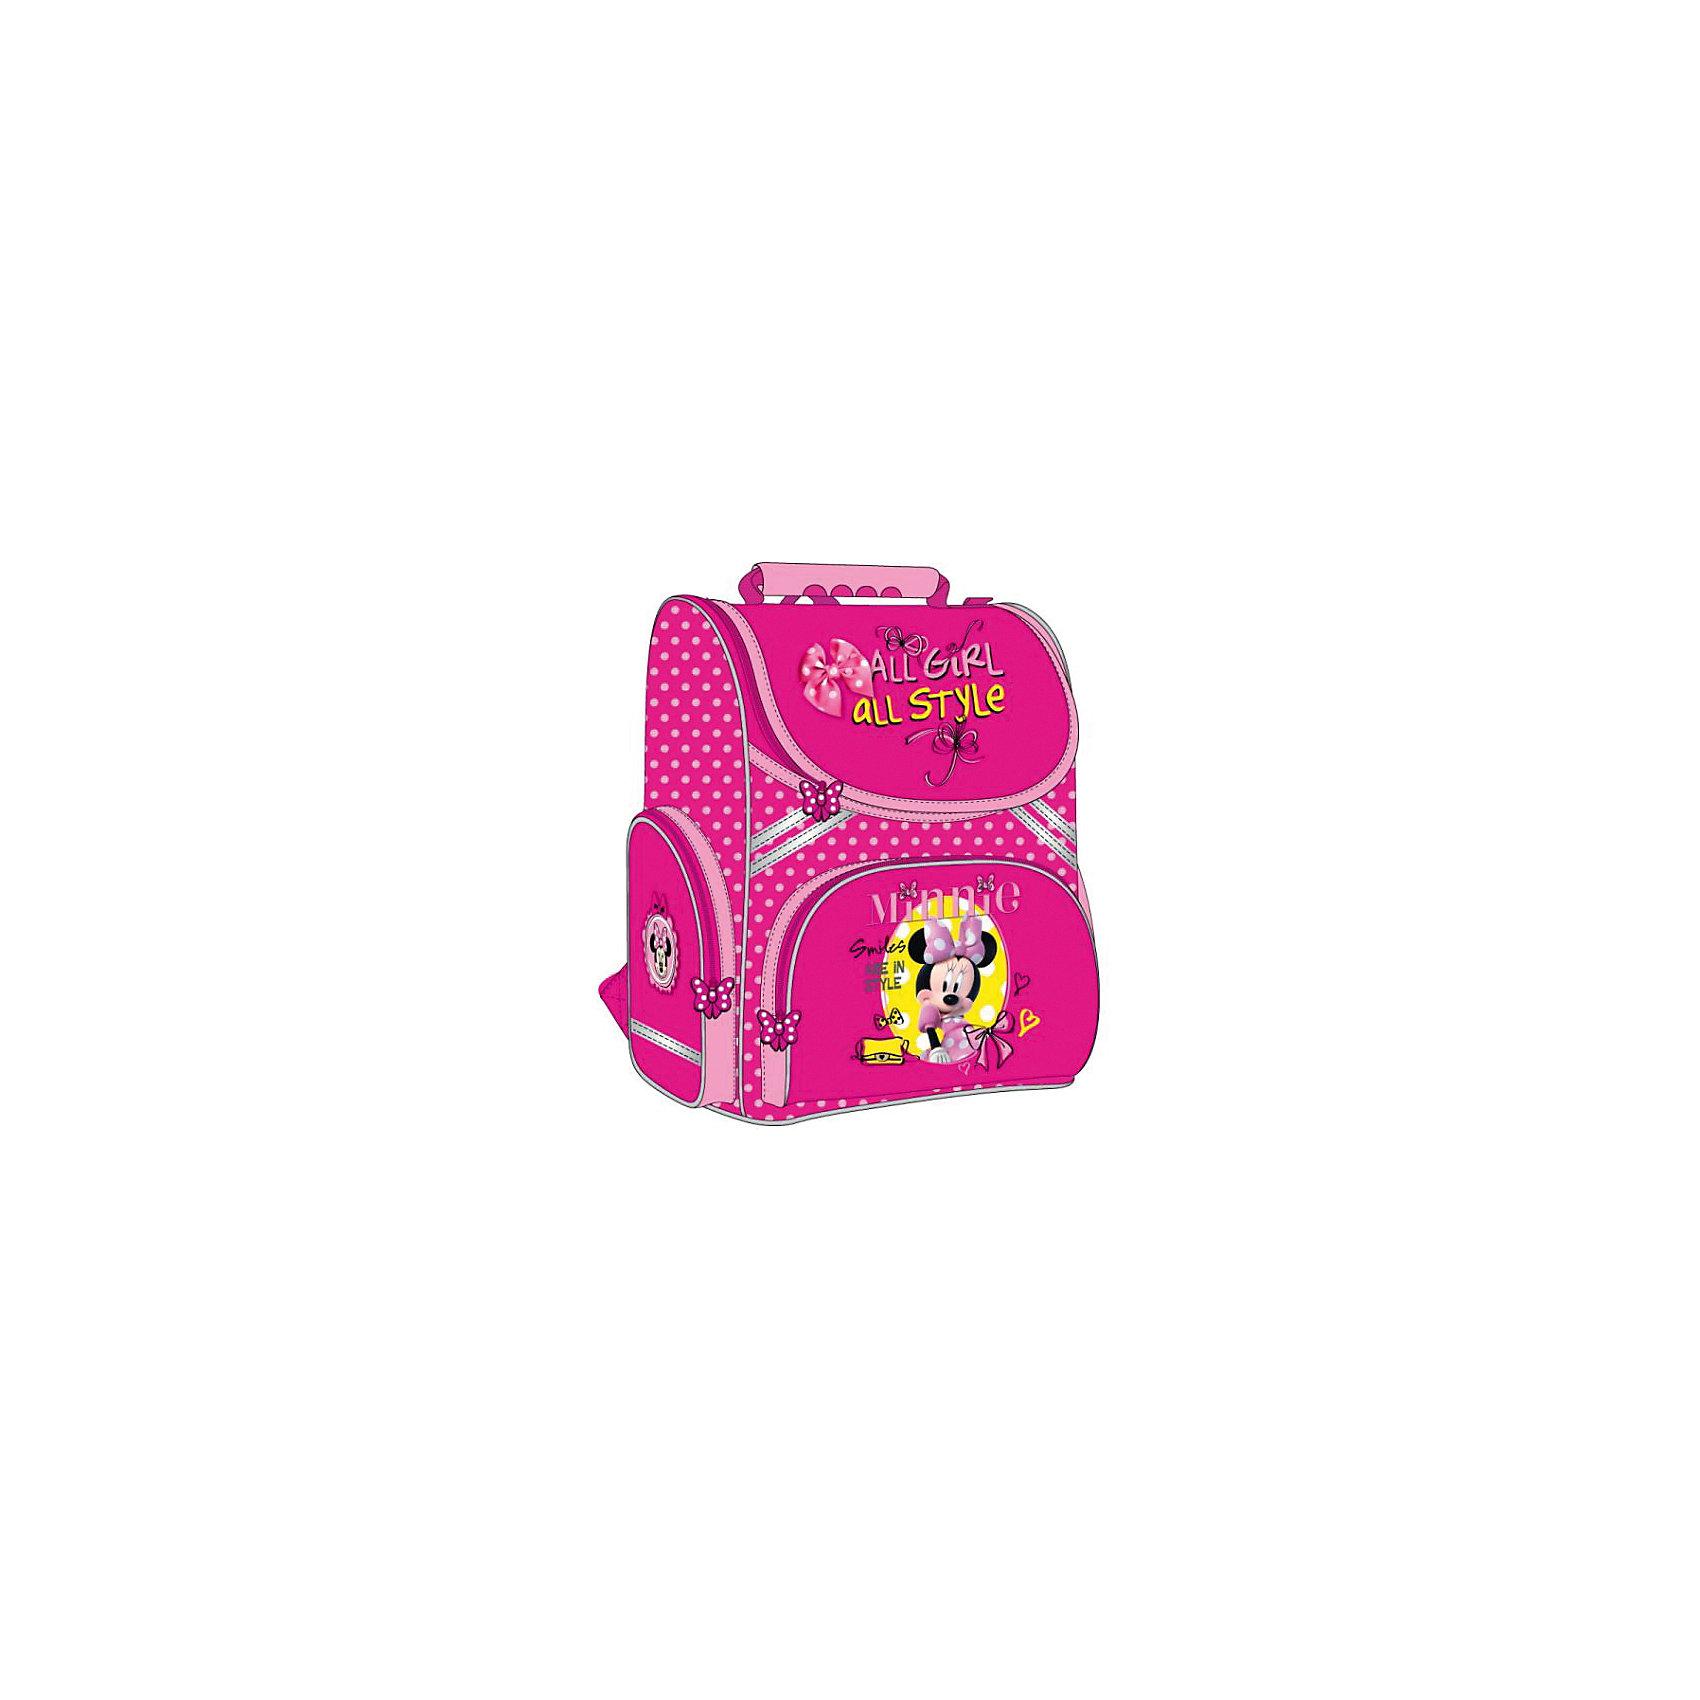 Рюкзак-ранец Минни Маус, DisneyЯркий розовый рюкзак с очаровательной мышкой обязательно понравится всем девочкам.  Рюкзак имеет облегченный корпус, светоотражающие элементы и регулируемые по длине лямки с мягкими накладками. Ортопедическая спинка со специальной дышащей системой обеспечивает комфорт и способствует улучшению осанки ребенка. Удобный механизм открывания позволит ребенку быстро и без посторонней помощи найти и вытащить из рюкзака все, что ему нужно. Модель имеет одно вместительное отделение с разделителями, передний карман на молнии, два боковых кармана для мелочей (один на молнии, другой из сетки).<br><br>Дополнительная информация:<br><br>- Материал: пластик, текстиль, полиэстер.<br>- Размер: 35 x 29x 16 см.<br>- Цвет: розовый.<br>- Тип застежки: молния.<br>- Количество отделений: 1<br>- Количество карманов: 3<br>- Ортопедическая спинка.<br>- Лямки регулируются по длине.<br>- Удобная ручка.<br>- Вес: 0,95кг.<br>- Подходит на рост: 122-134 см. <br><br>Рюкзак-ранец Минни Маус, Disney (Дисней, Minnie Mouse), можно купить в нашем магазине.<br><br>Ширина мм: 850<br>Глубина мм: 370<br>Высота мм: 290<br>Вес г: 950<br>Возраст от месяцев: 72<br>Возраст до месяцев: 120<br>Пол: Женский<br>Возраст: Детский<br>SKU: 4028886